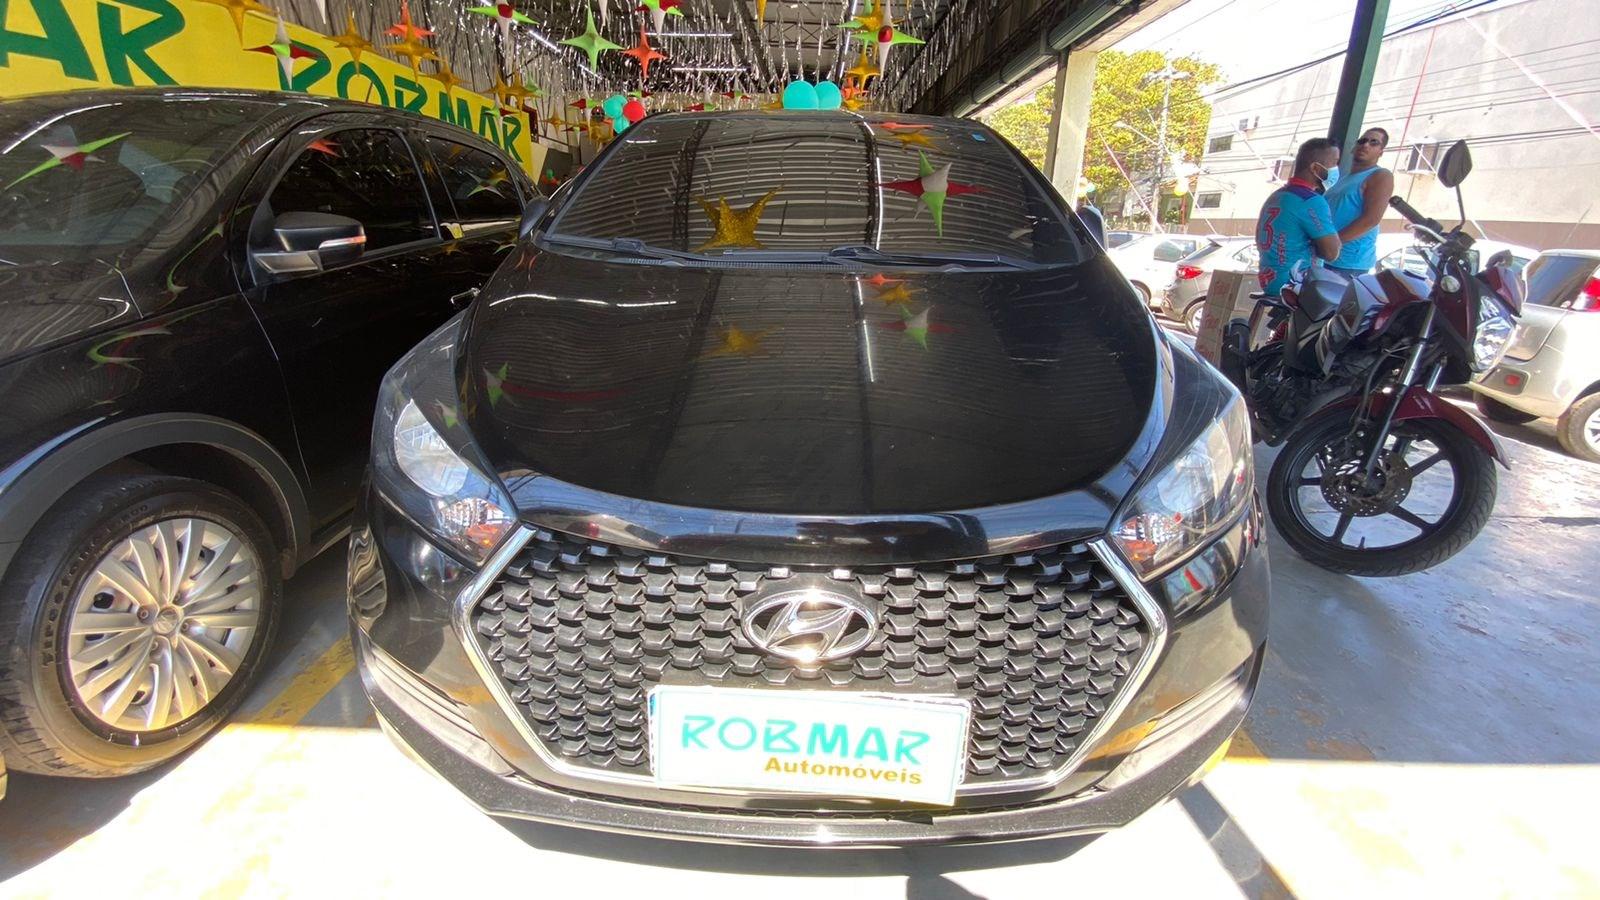 //www.autoline.com.br/carro/hyundai/hb20-10-unique-12v-flex-4p-manual/2019/rio-de-janeiro-rj/15776313